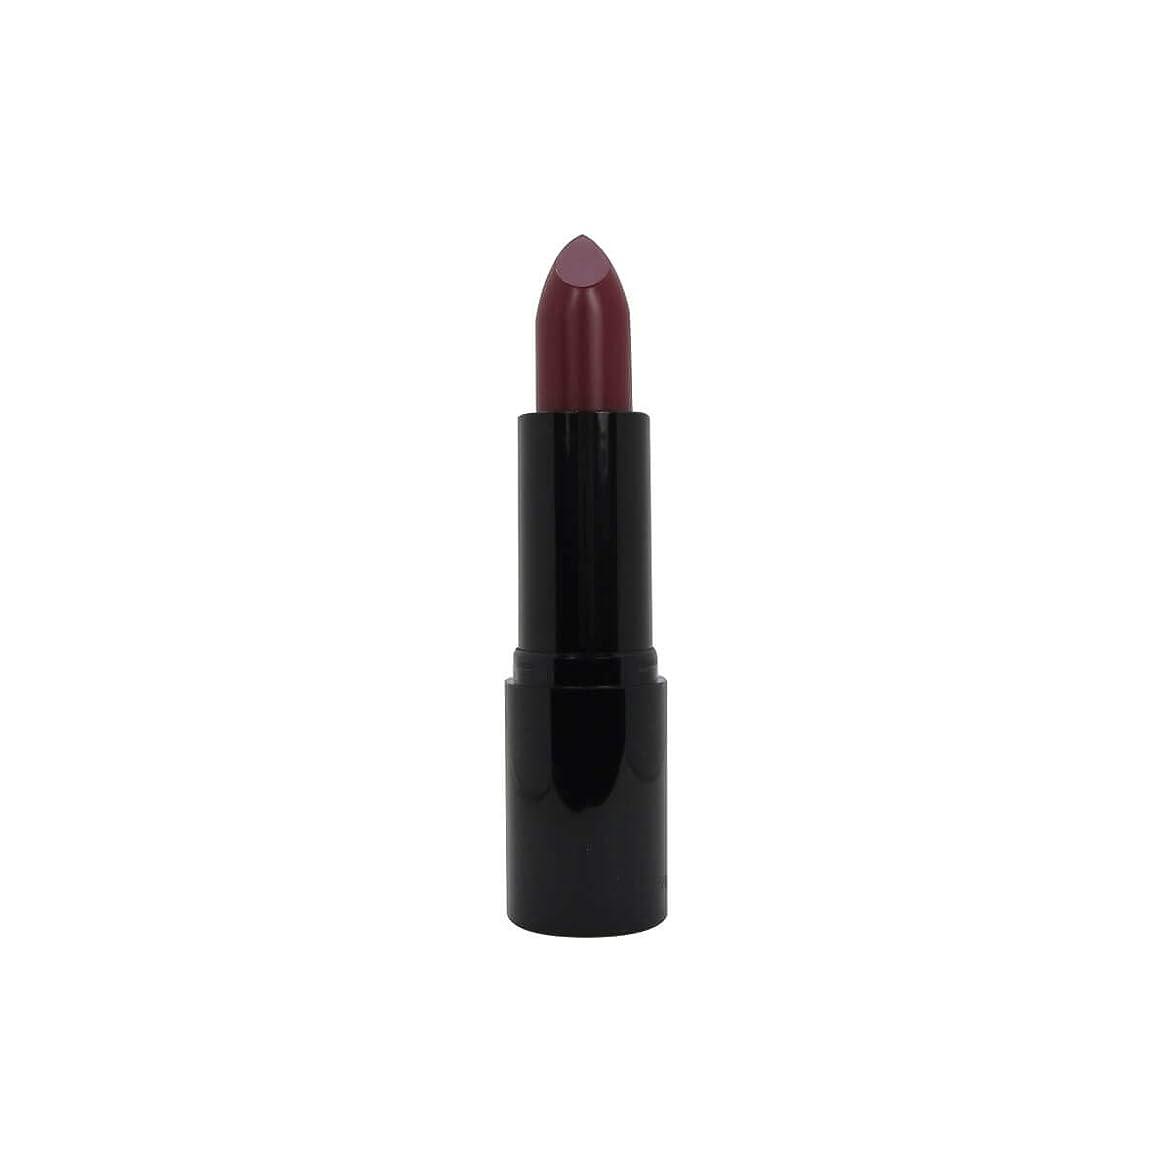 遺棄された教育する行くSkinerie The Collection Lipstick 11 Berry Diva 3,5g